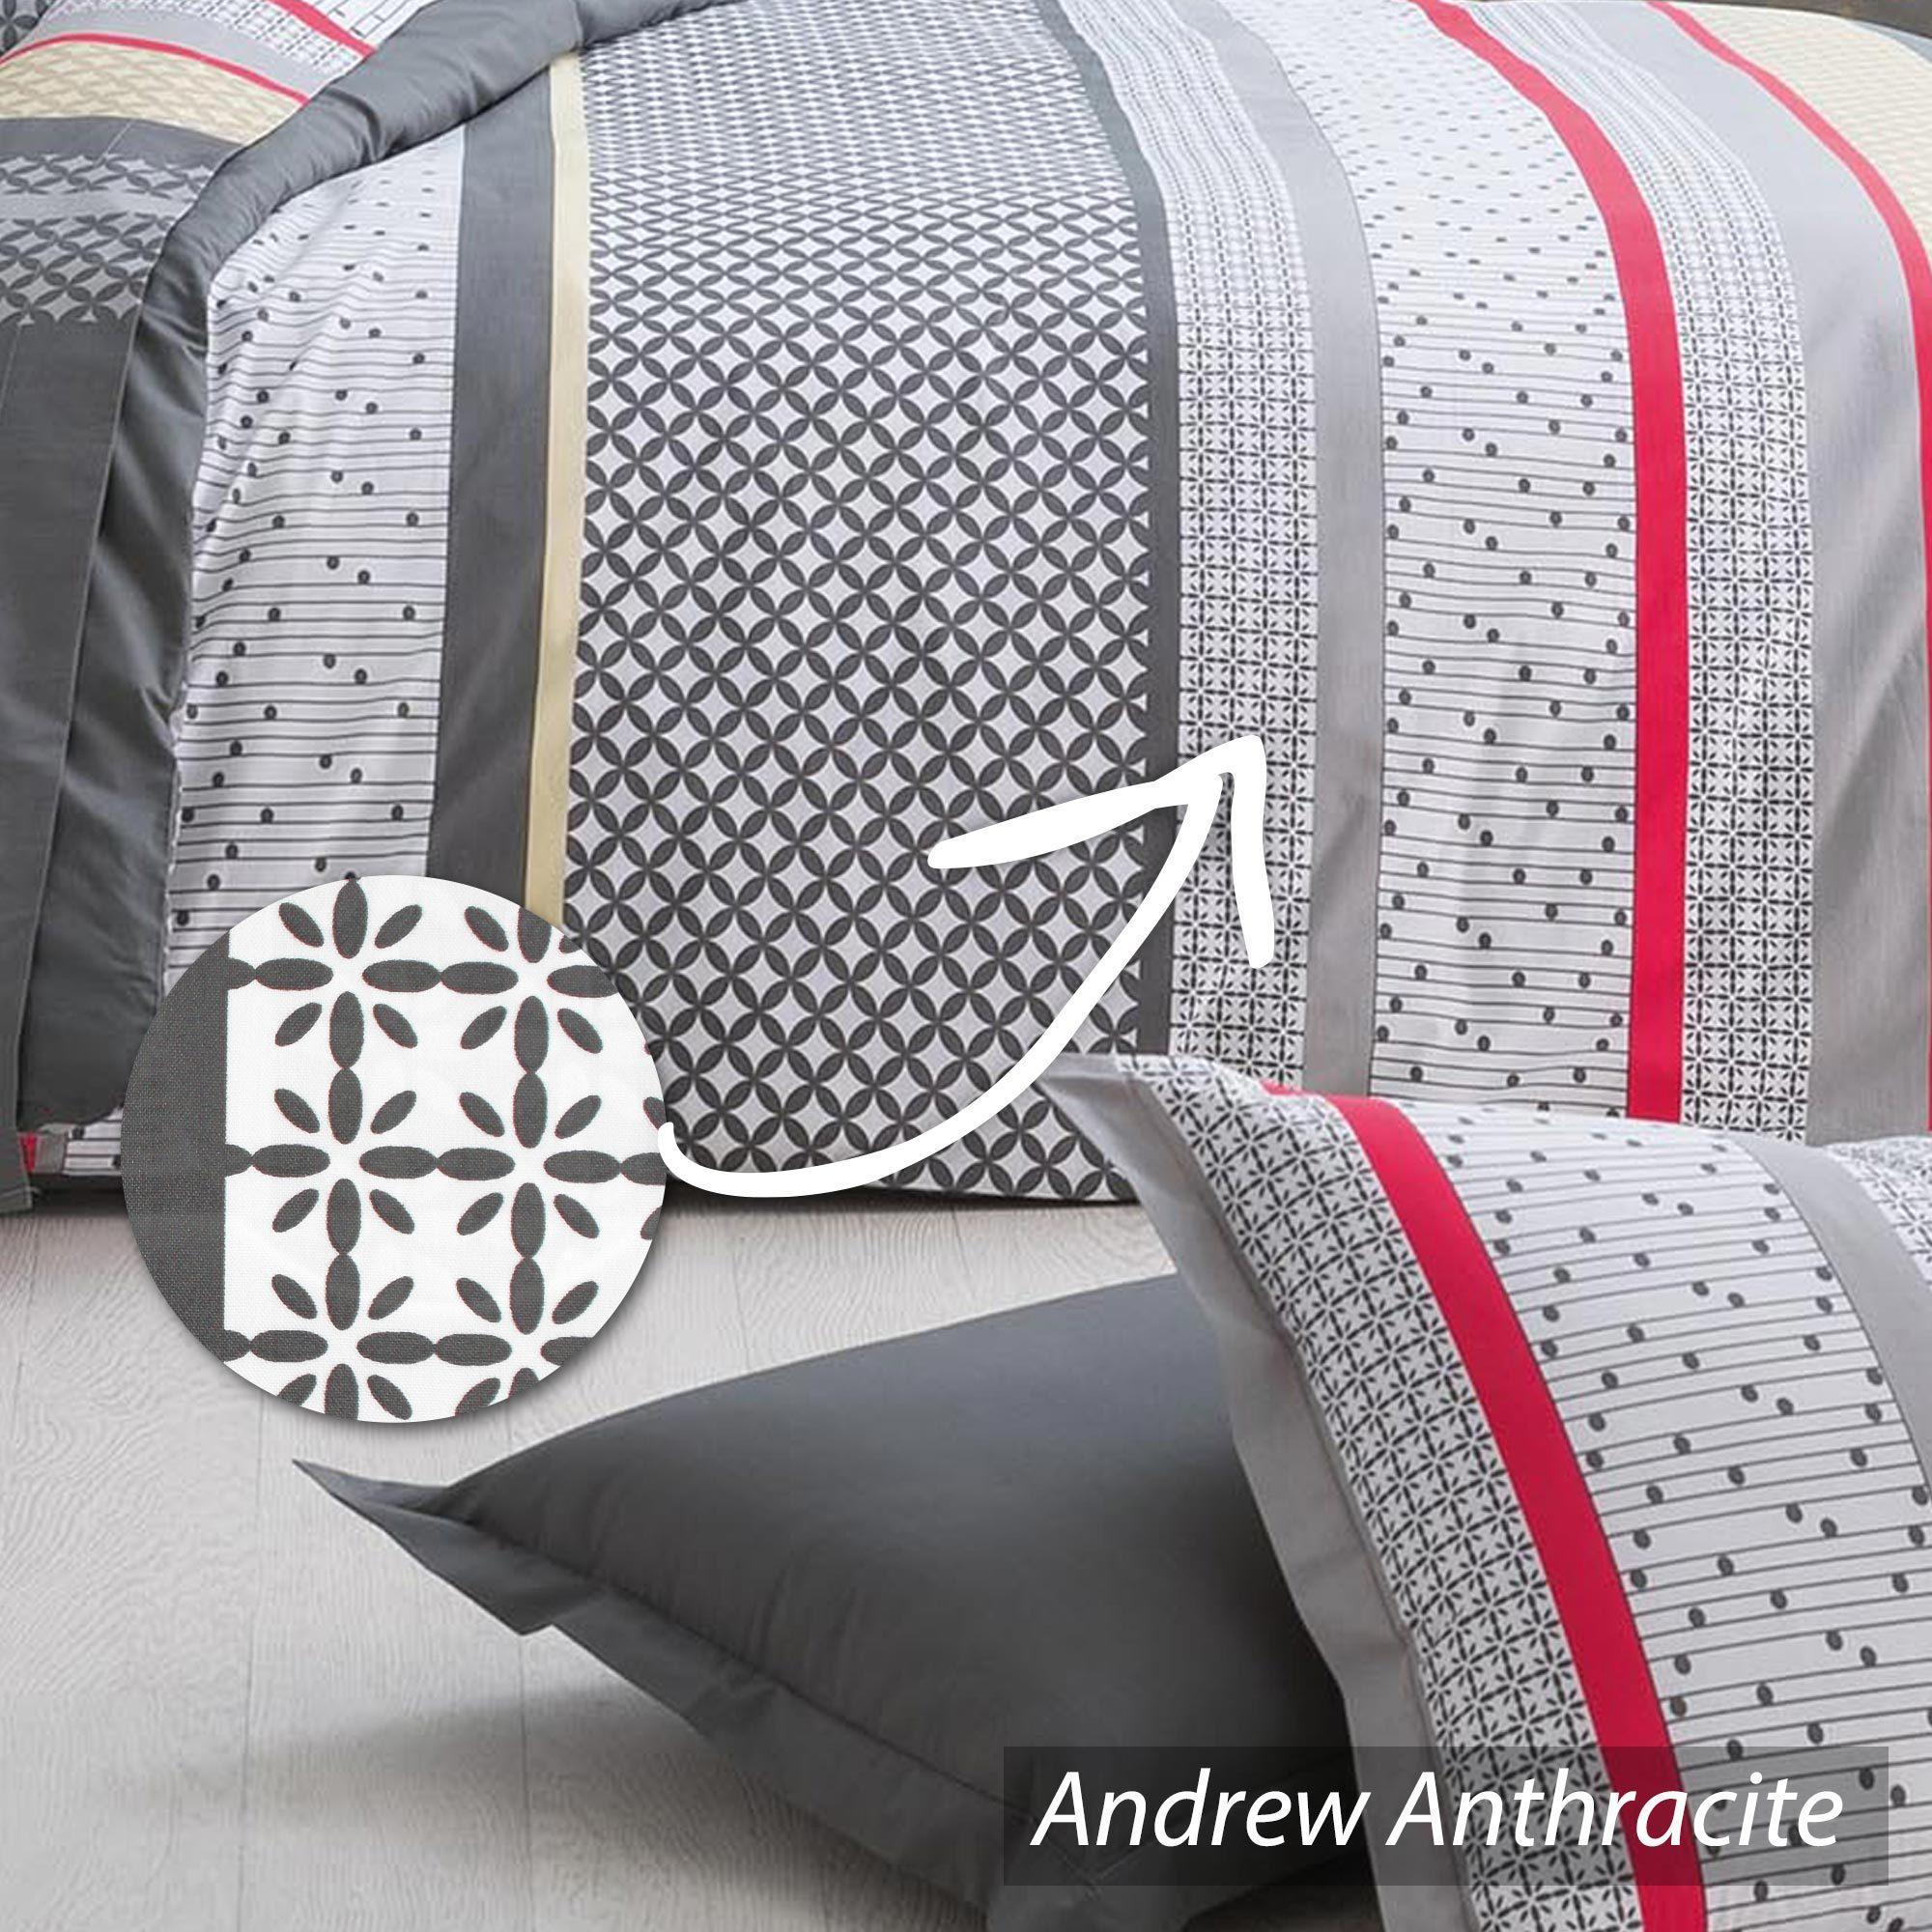 housse de couette 200x200 cm percale pur coton andrew anthracite d stockage eur 58 84. Black Bedroom Furniture Sets. Home Design Ideas